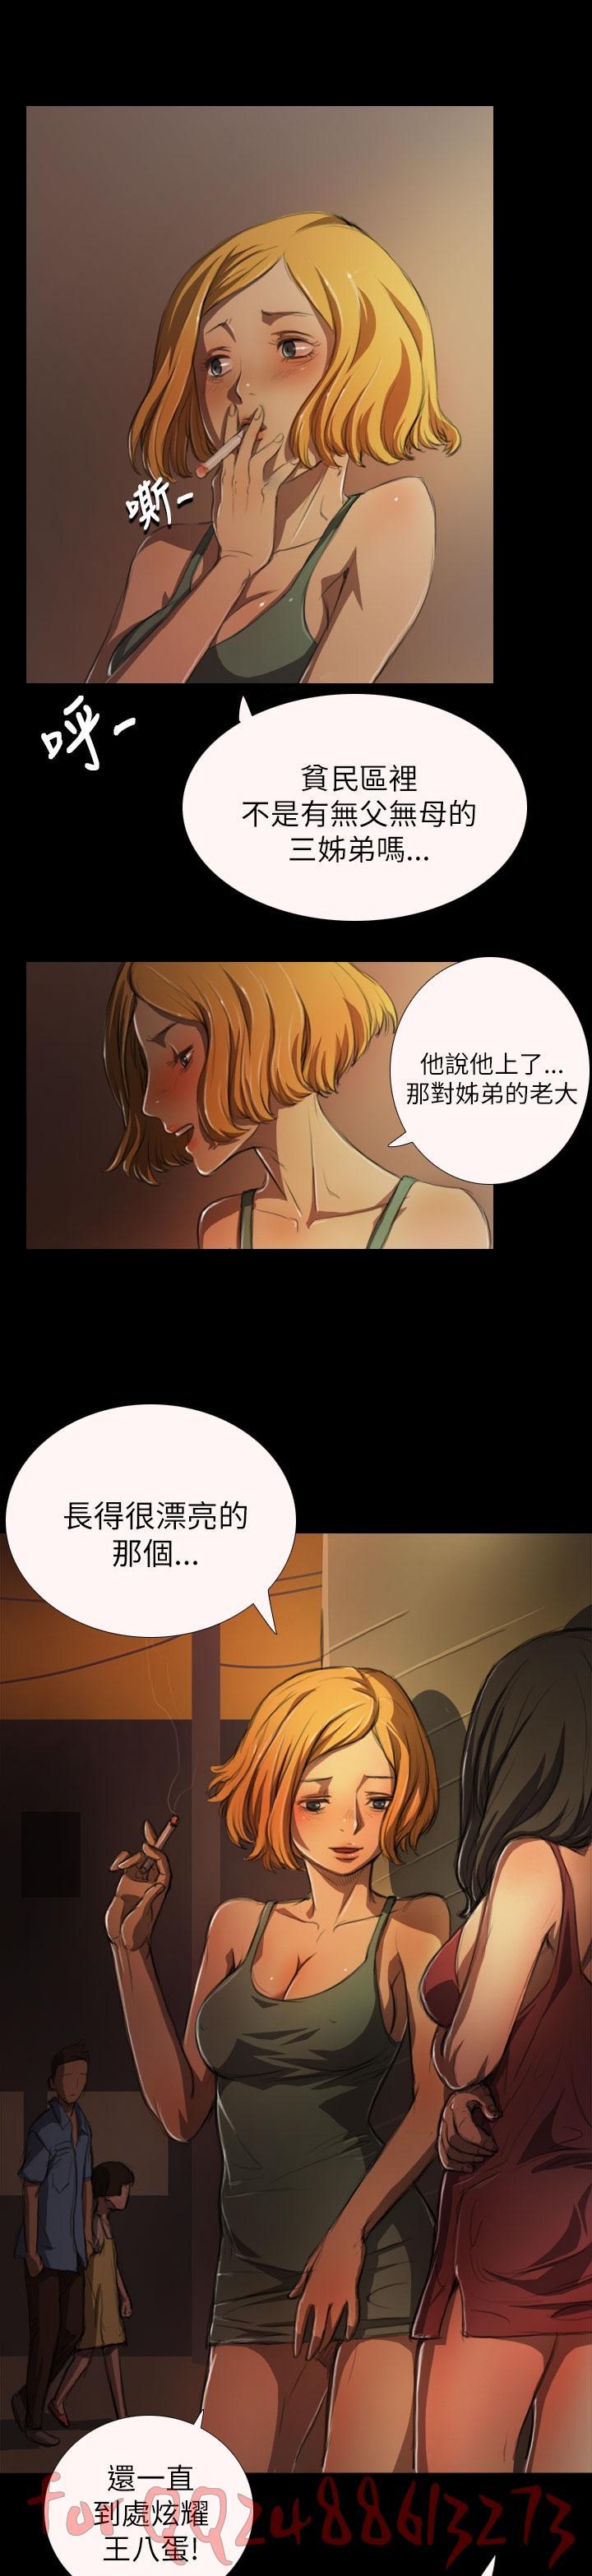 姊姊: 莲 第1~10話 [Chinese]中文 154